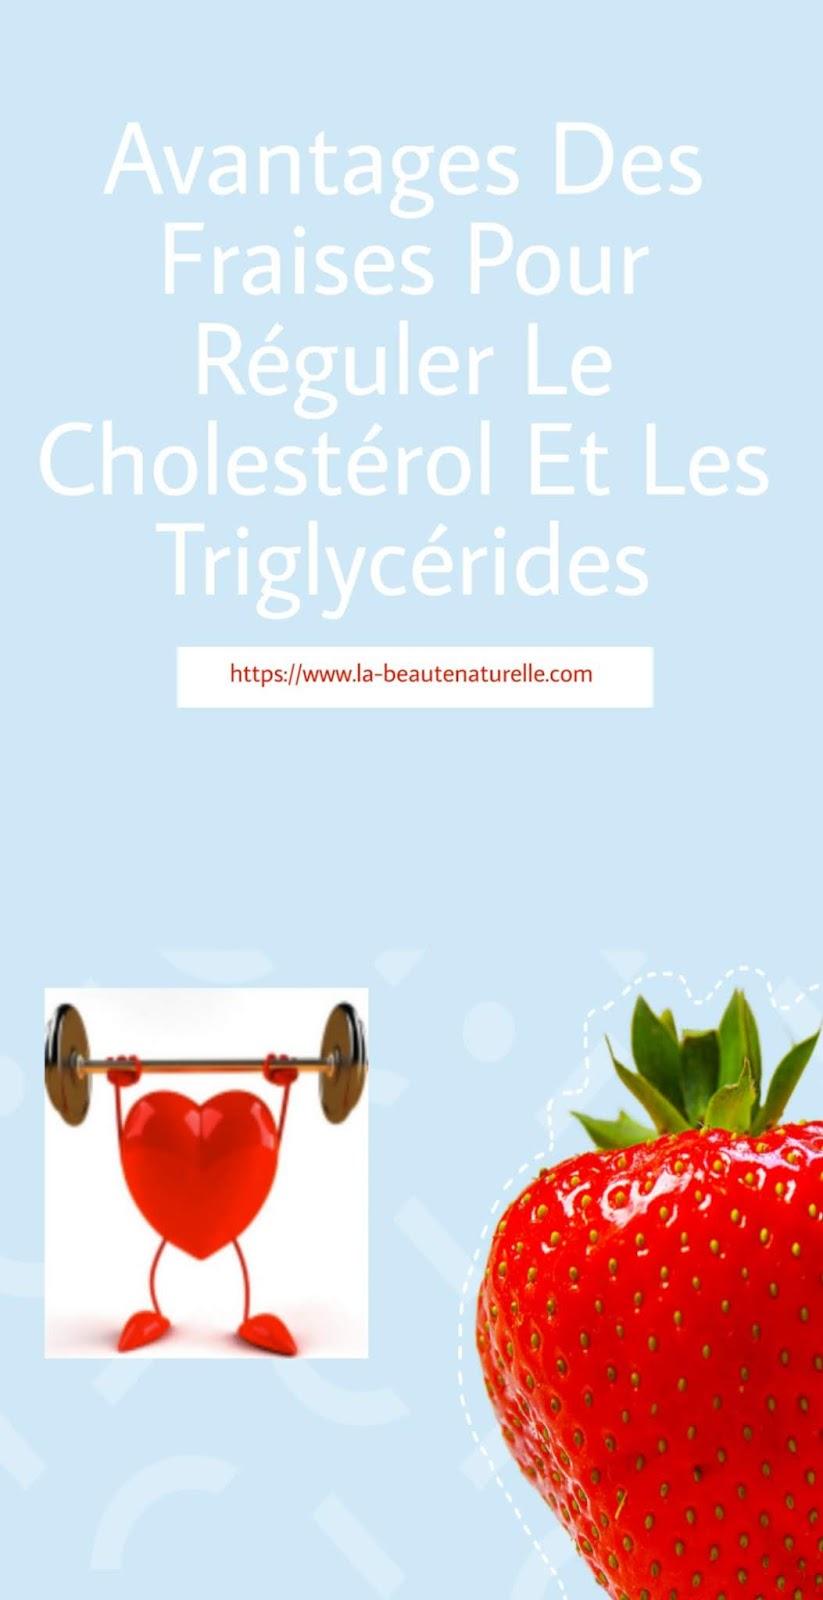 Avantages Des Fraises Pour Réguler Le Cholestérol Et Les Triglycérides